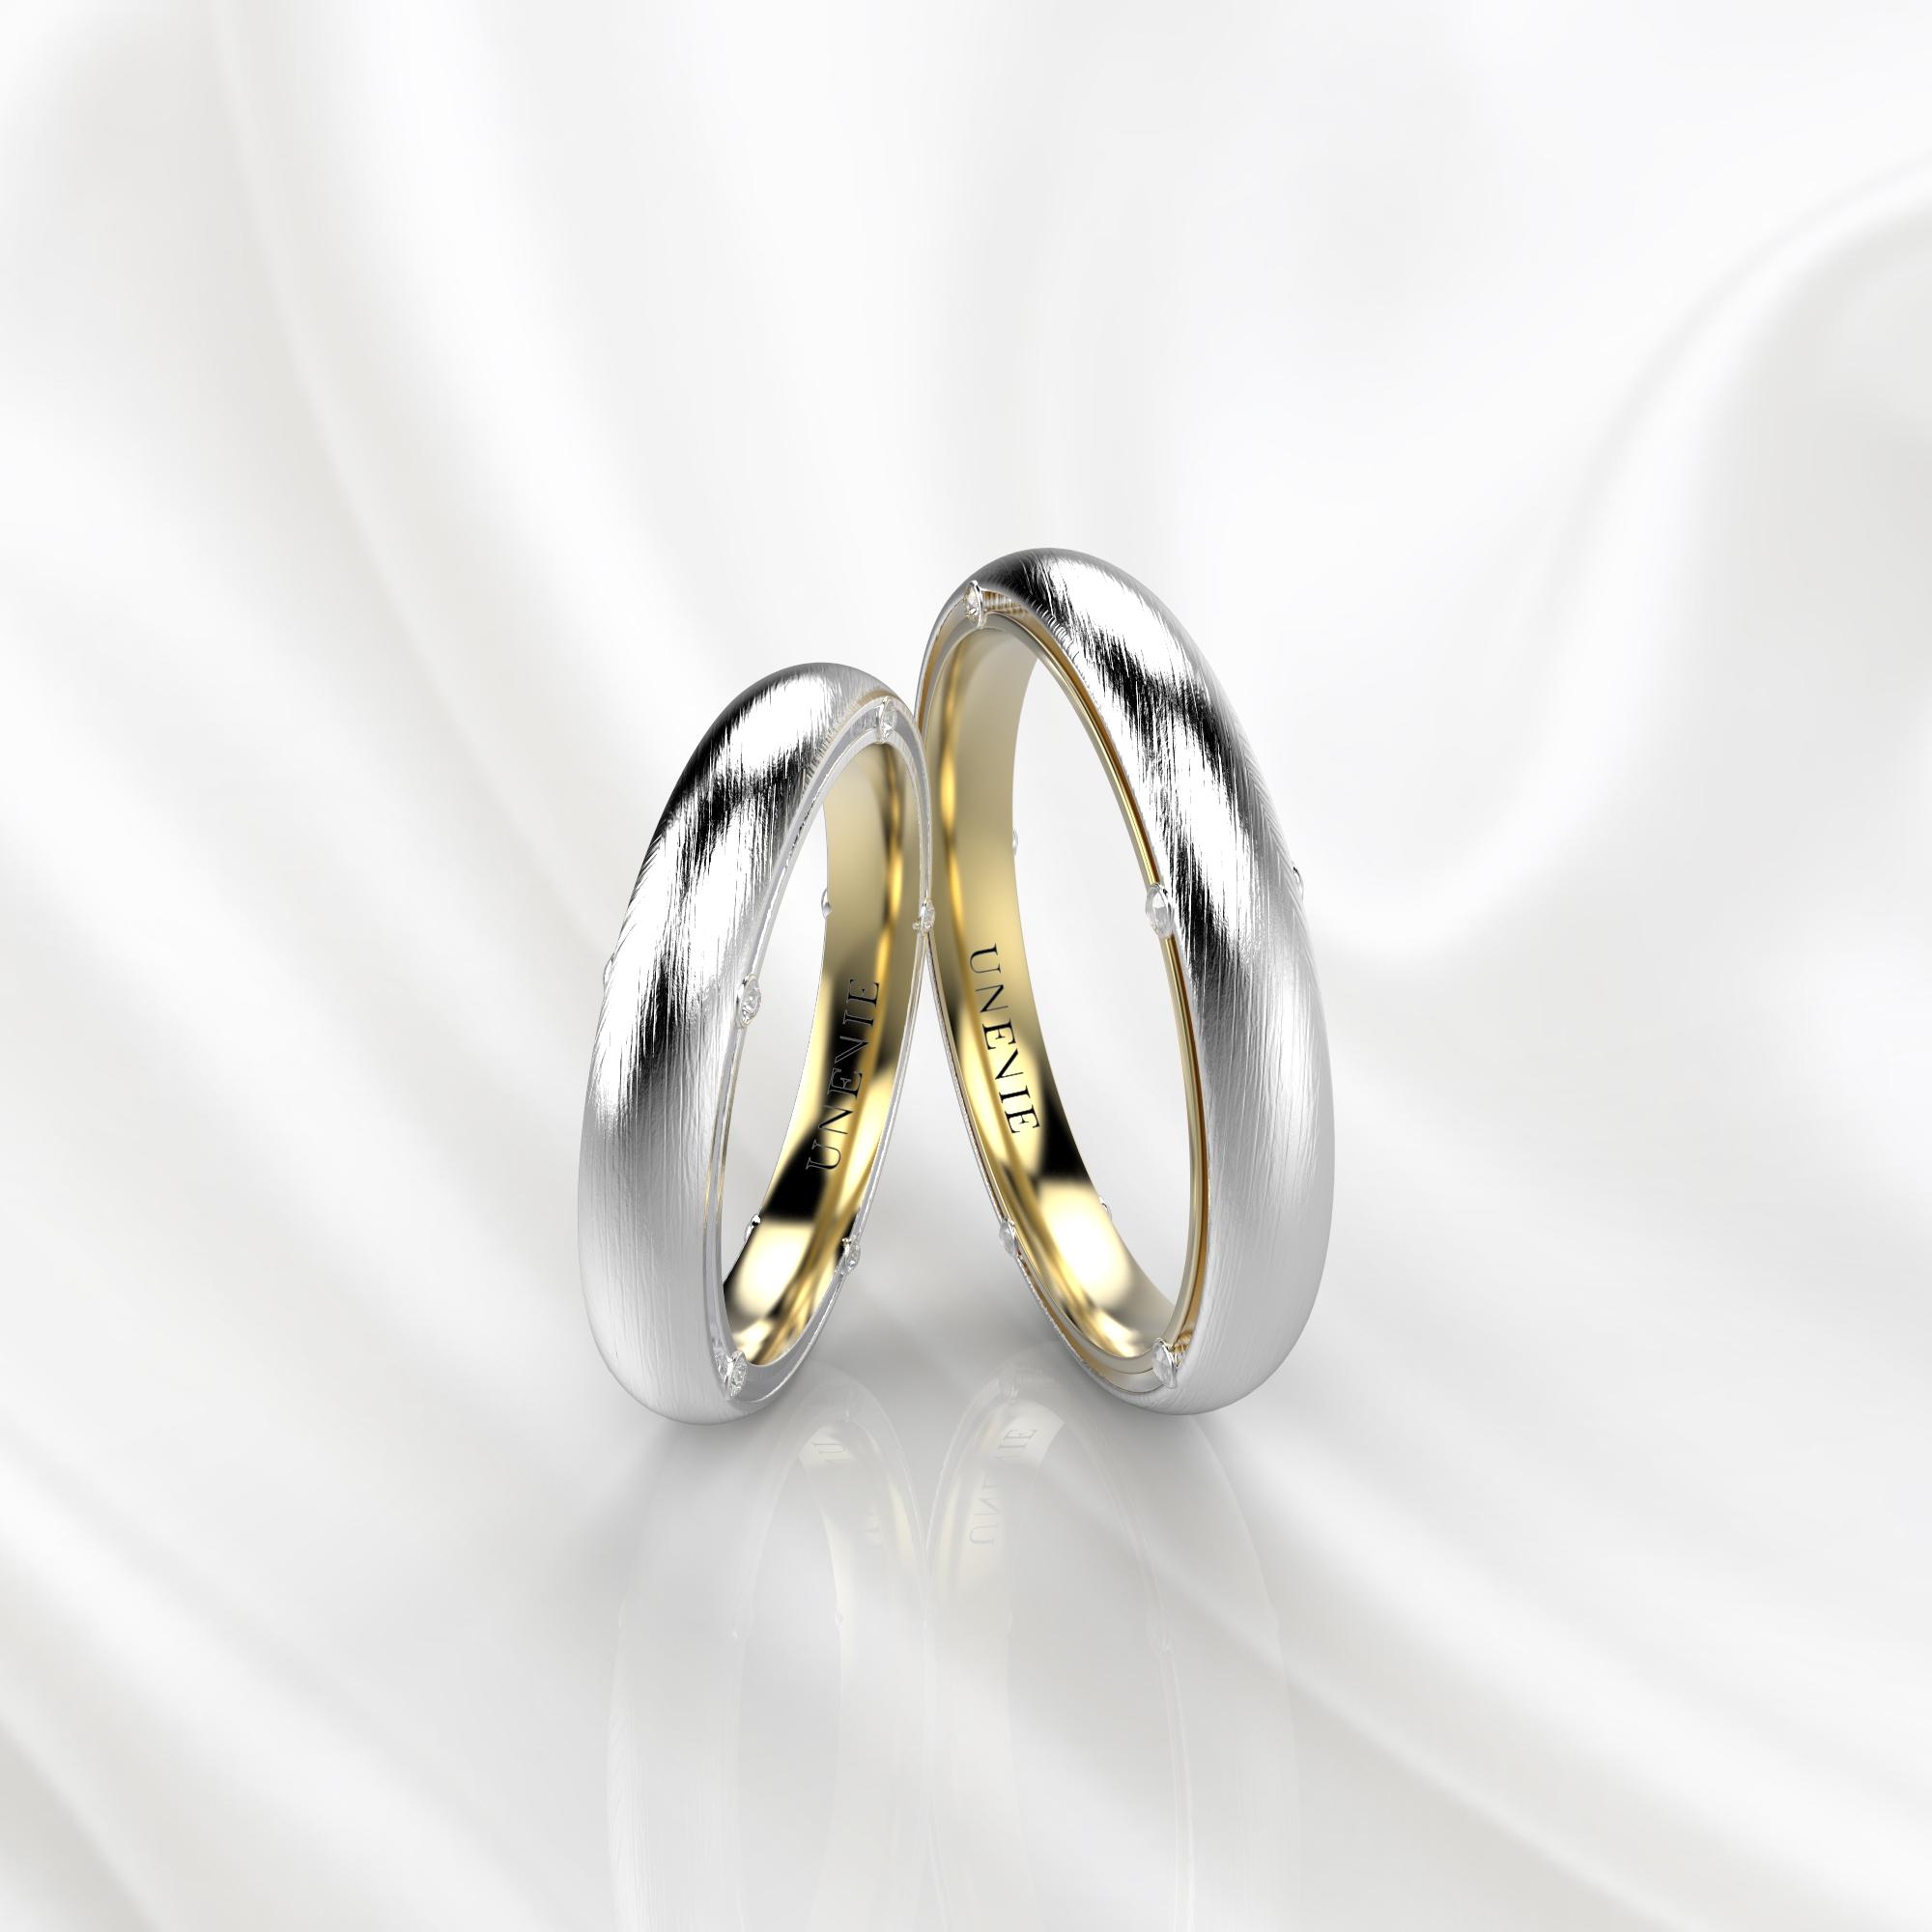 NV41 Обручальные кольца из бело-желтого золота с бриллиантами